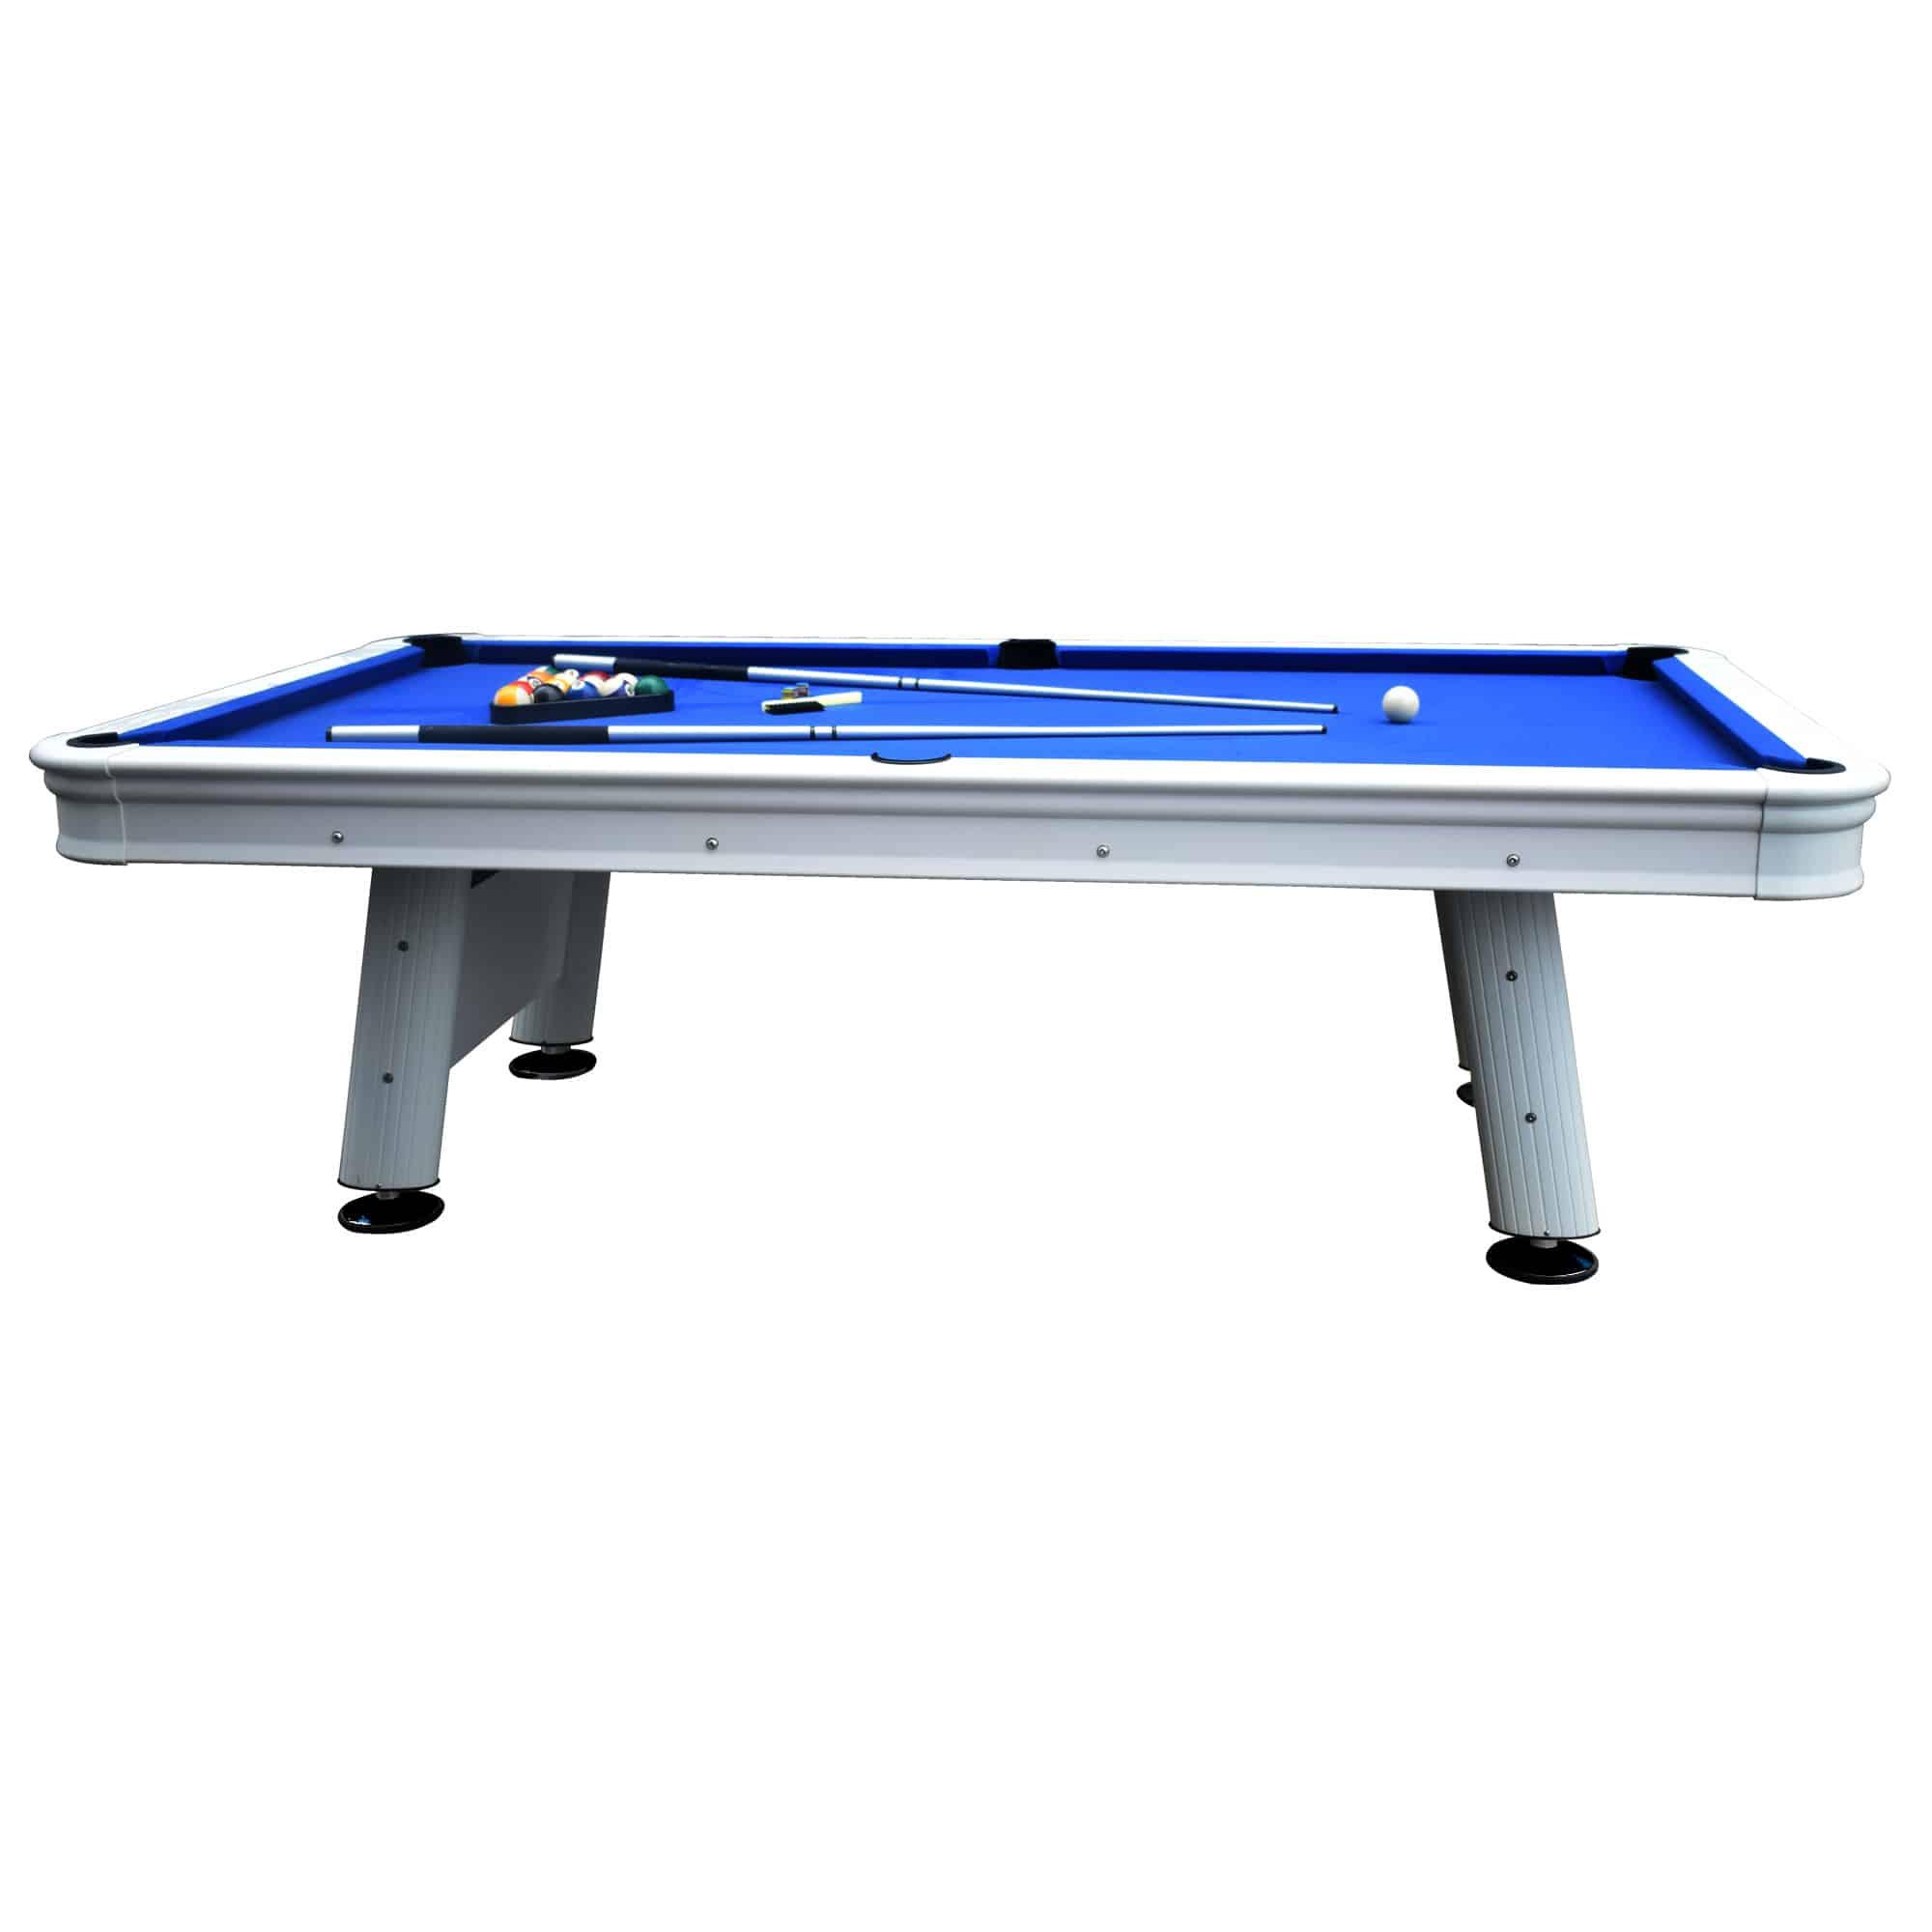 Pool Table With Aluminum Rails U0026 Waterproof Felt